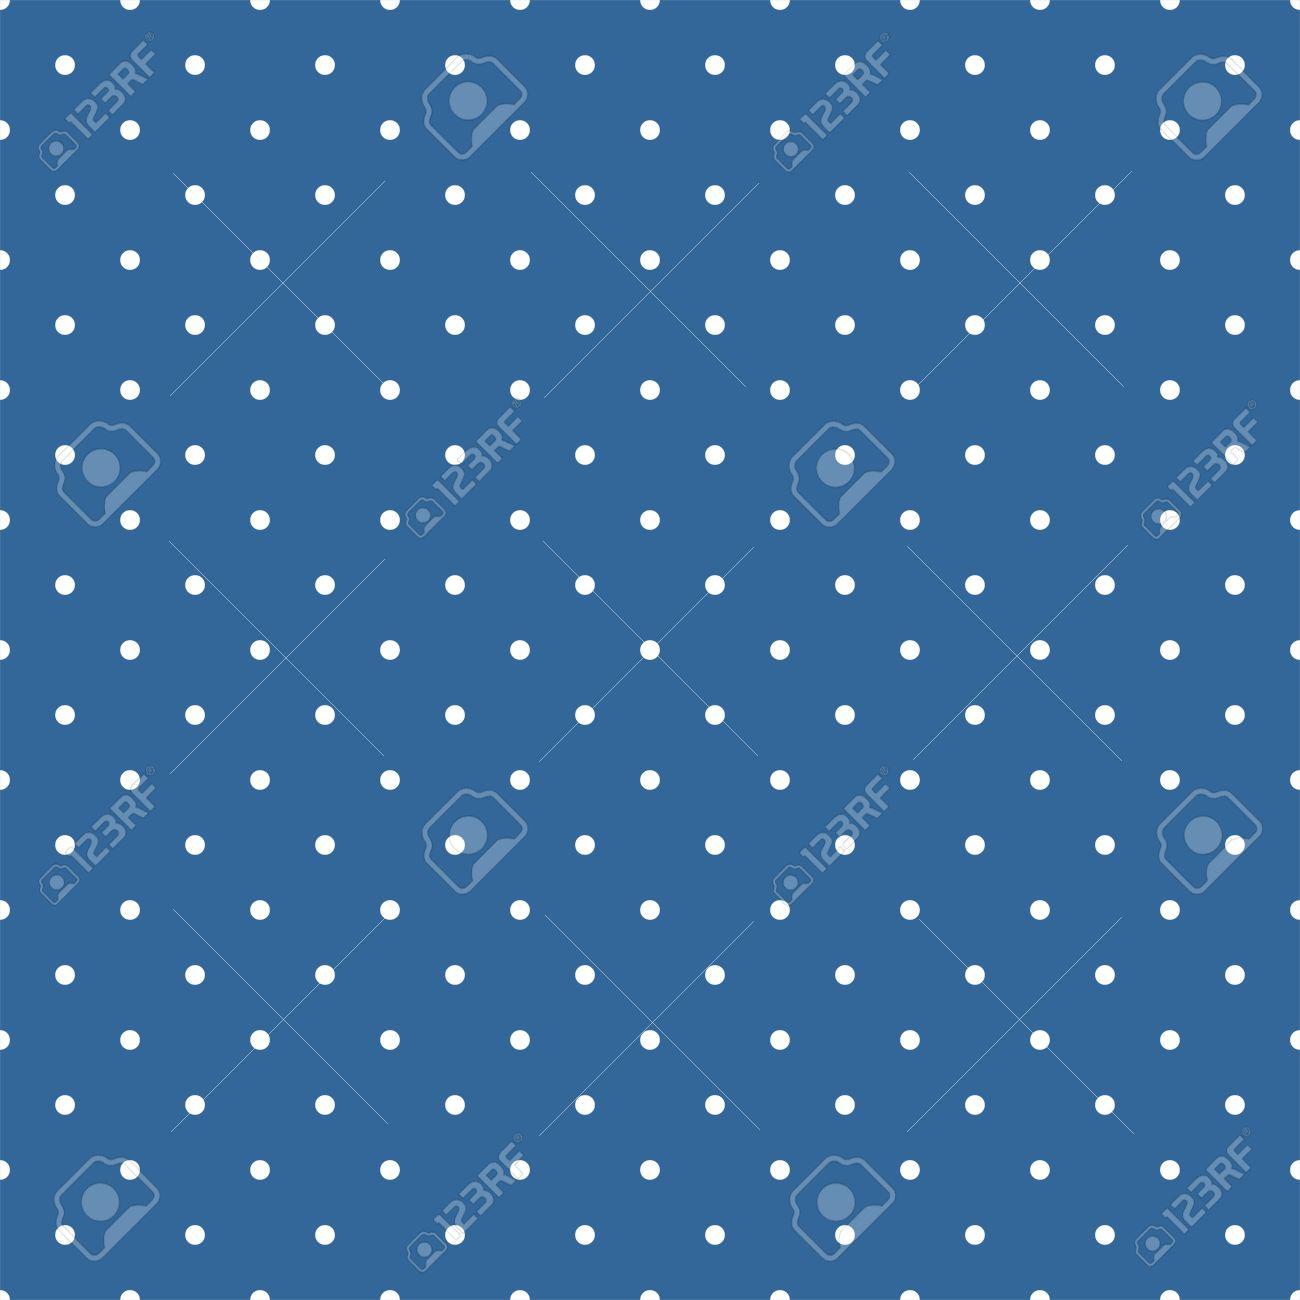 美少女戦士セーラームーン ネイビー ブルーの背景に白の水玉とシームレスなベクター パターン デスクトップの壁紙 美少女戦士セーラームーン ブログ ウェブサイトまたはスポット ファブリック のイラスト素材 ベクタ Image